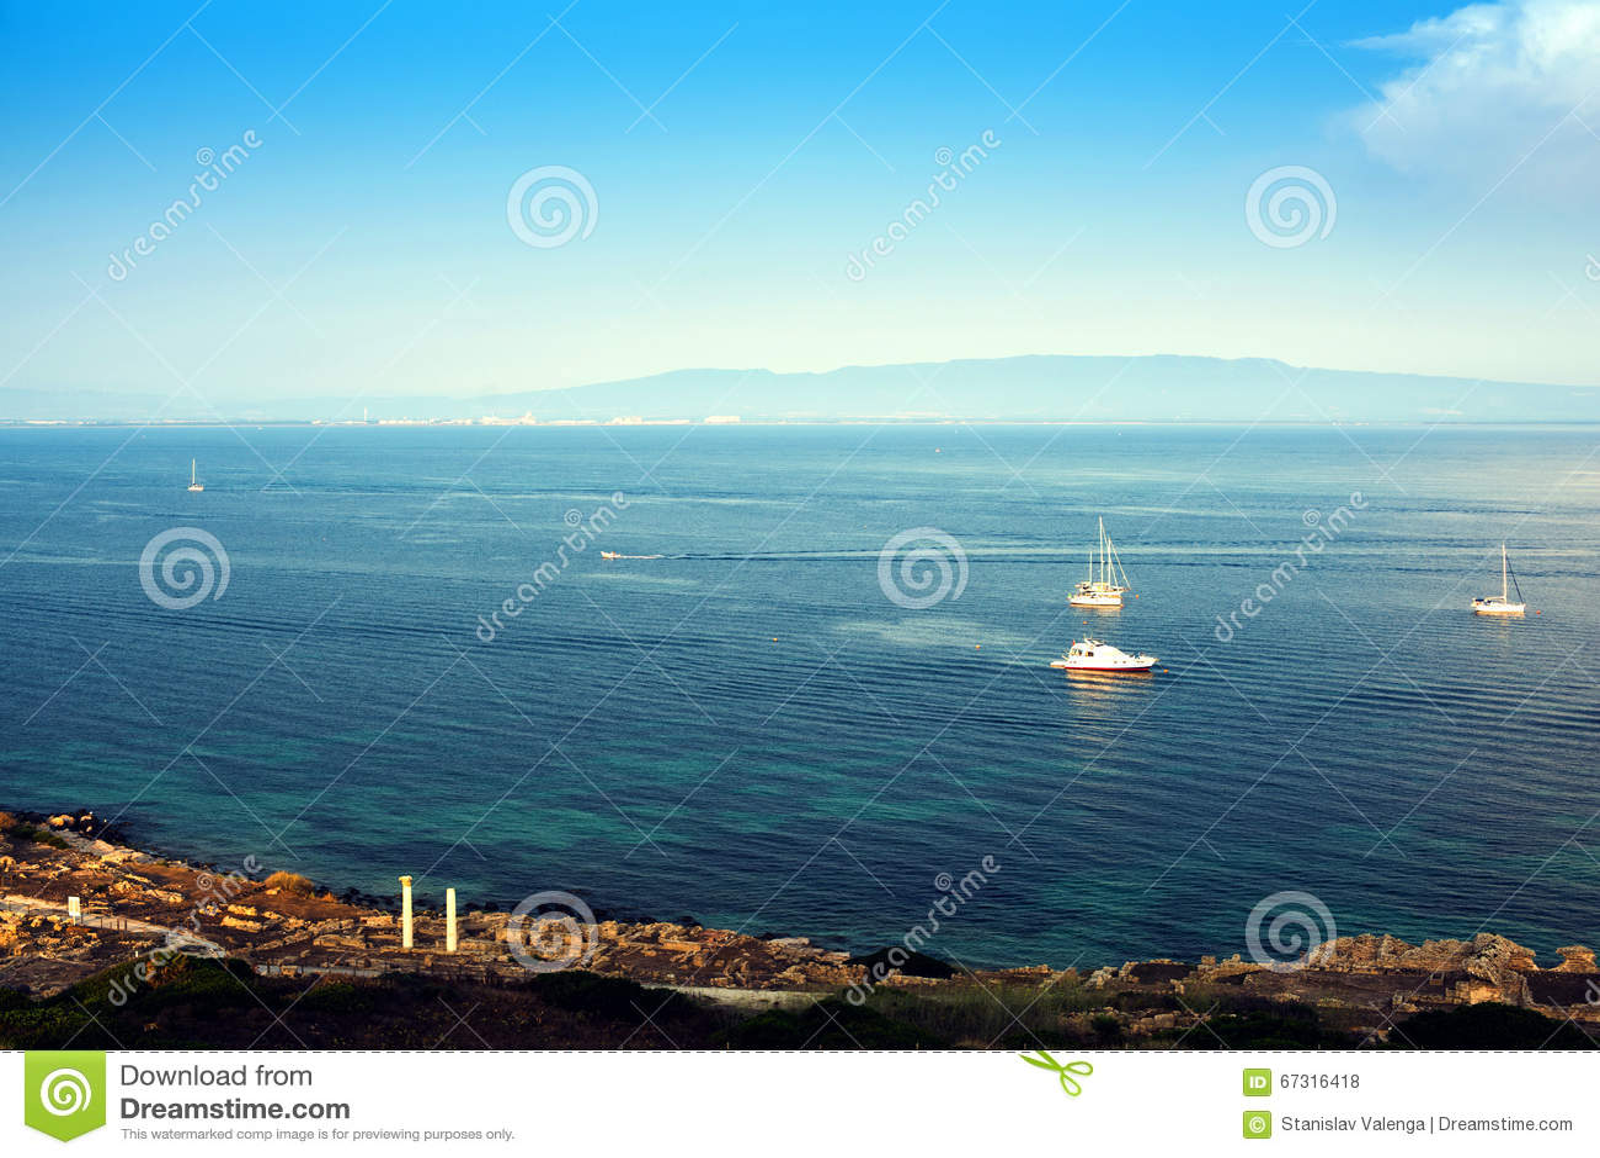 Sailing Schipjachten met witte zeilen in de open zee Luxeboten